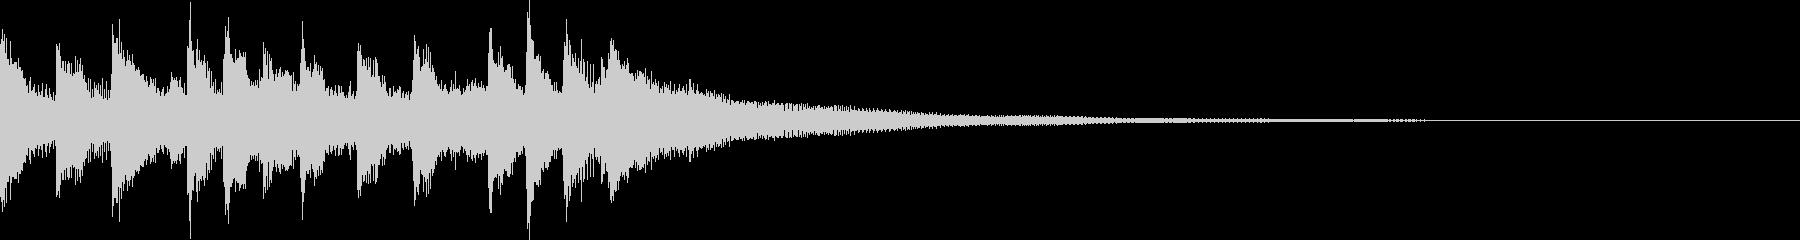 キャッチーEDM・ADMジングル3の未再生の波形